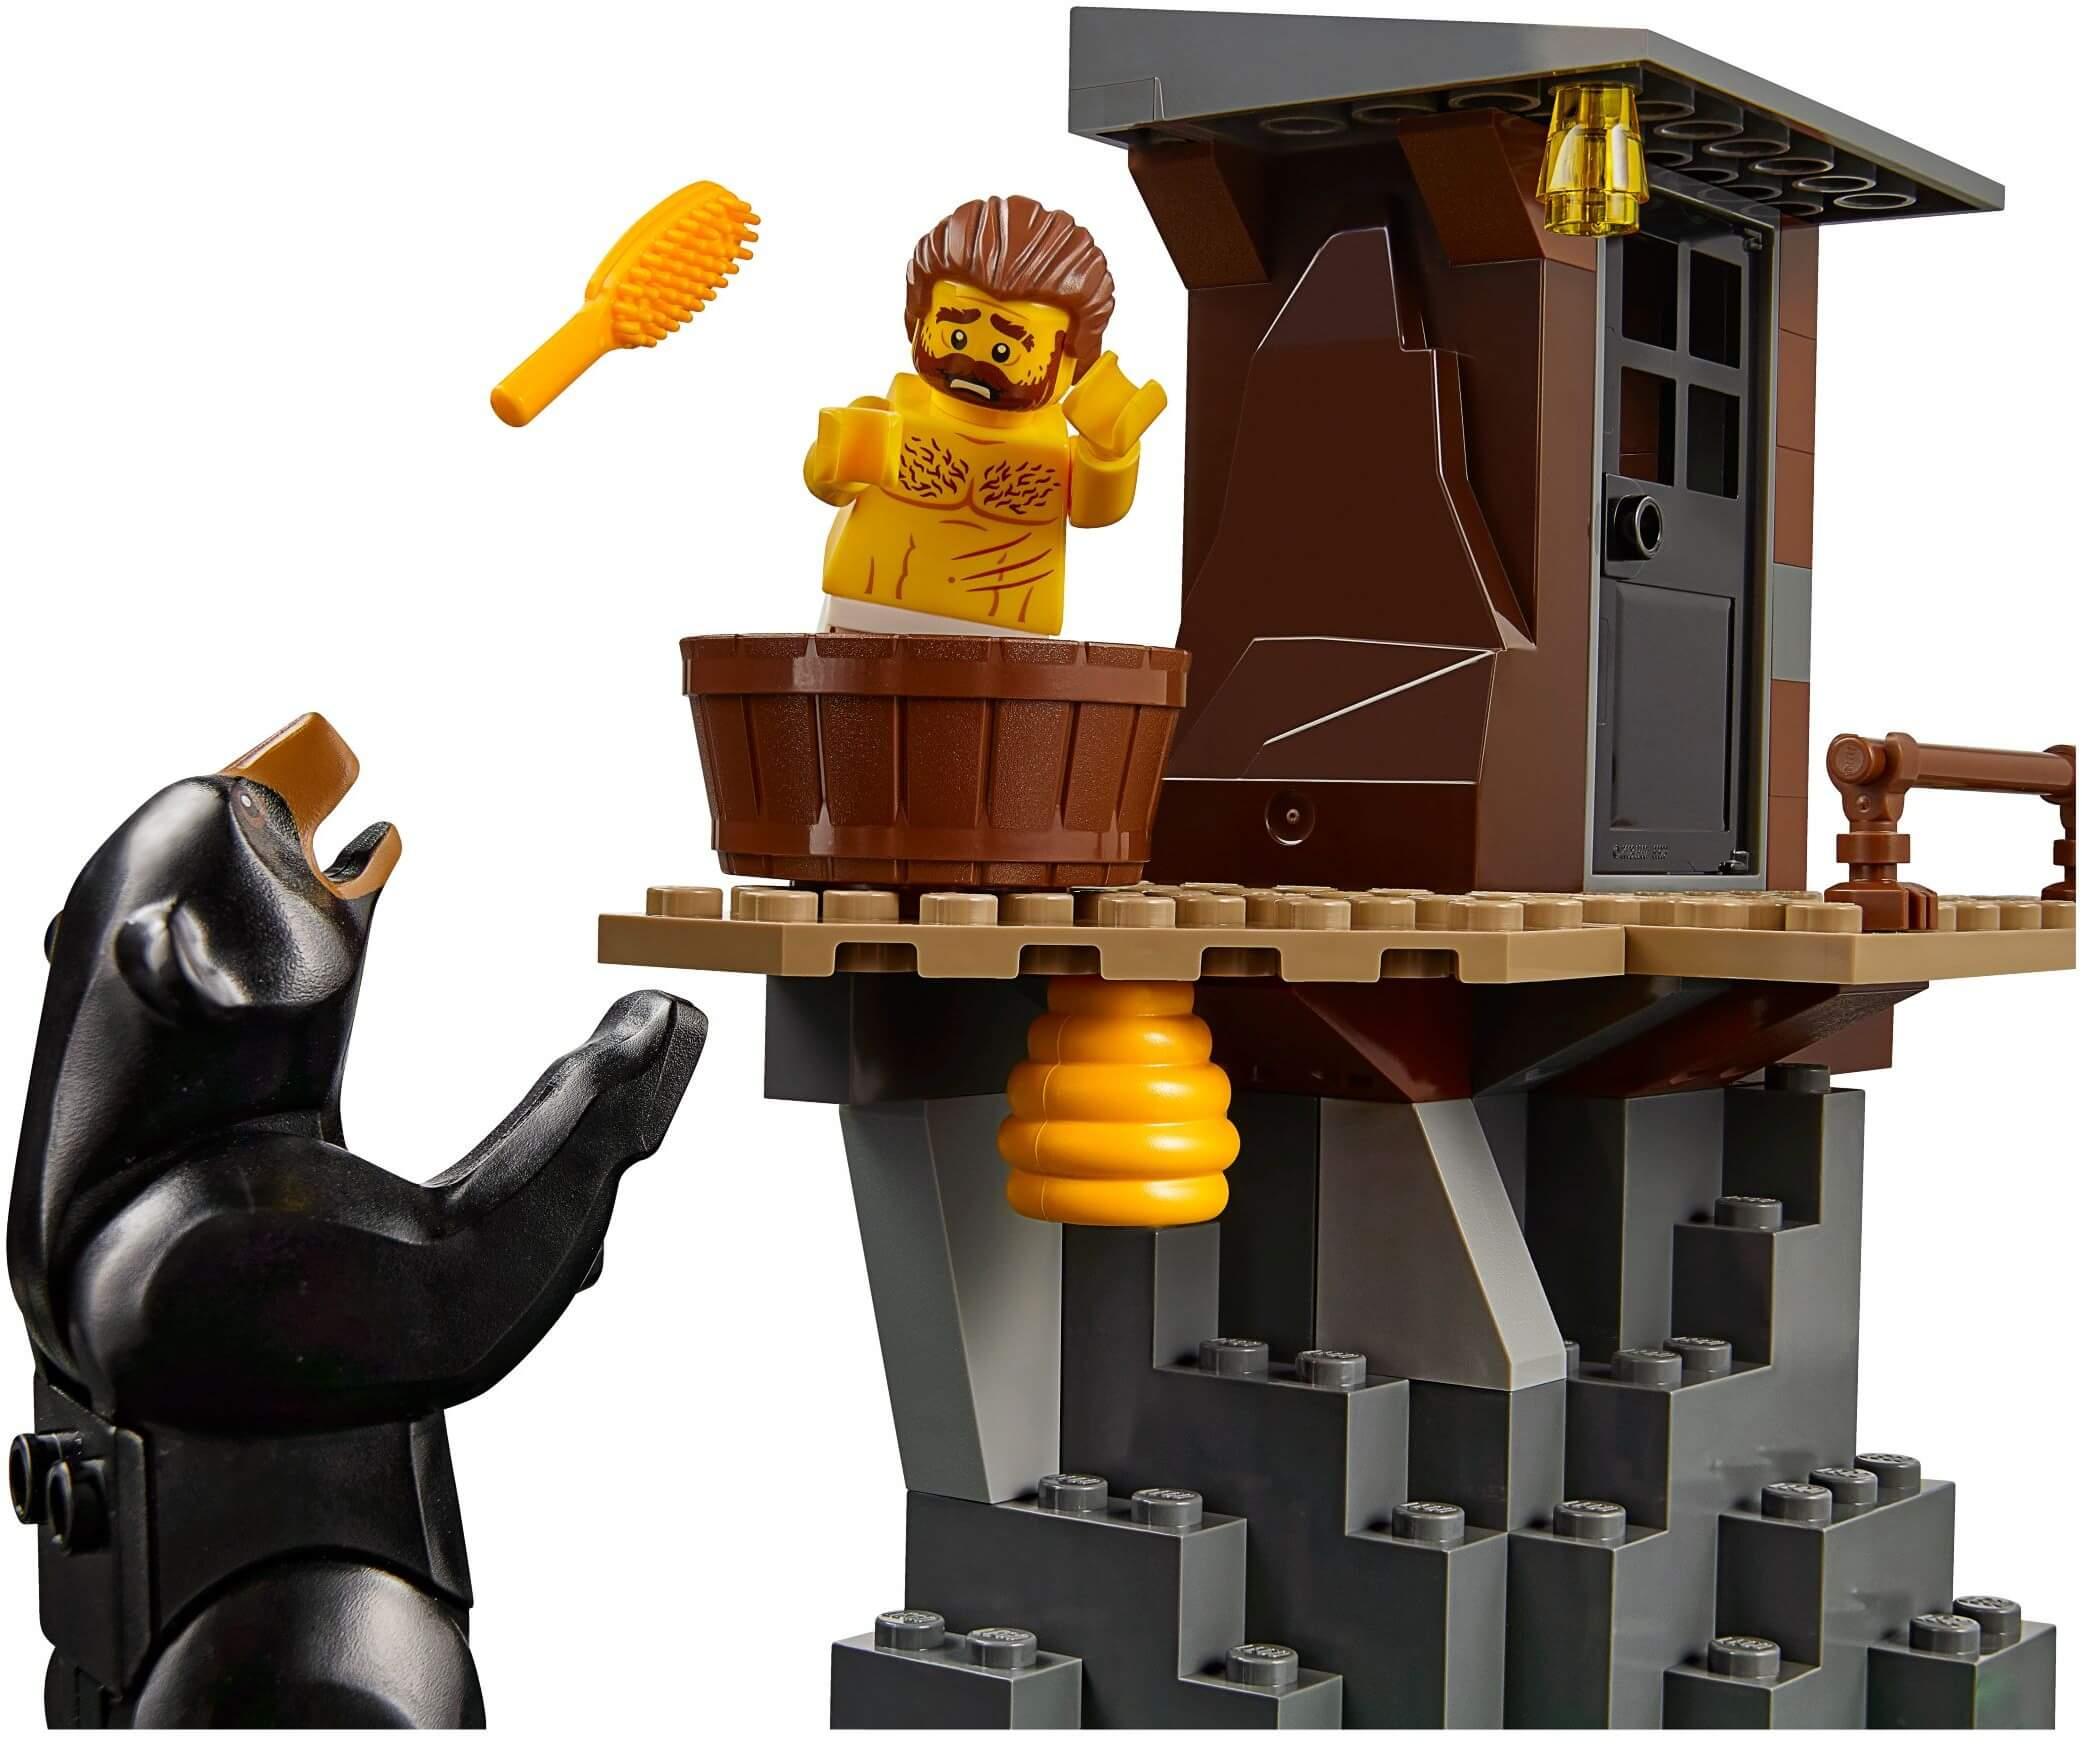 Mua đồ chơi LEGO 60173 - LEGO City 60173 - Trực thăng Cảnh Sát 2 Cánh quạt (LEGO City 60173 Mountain Arrest)